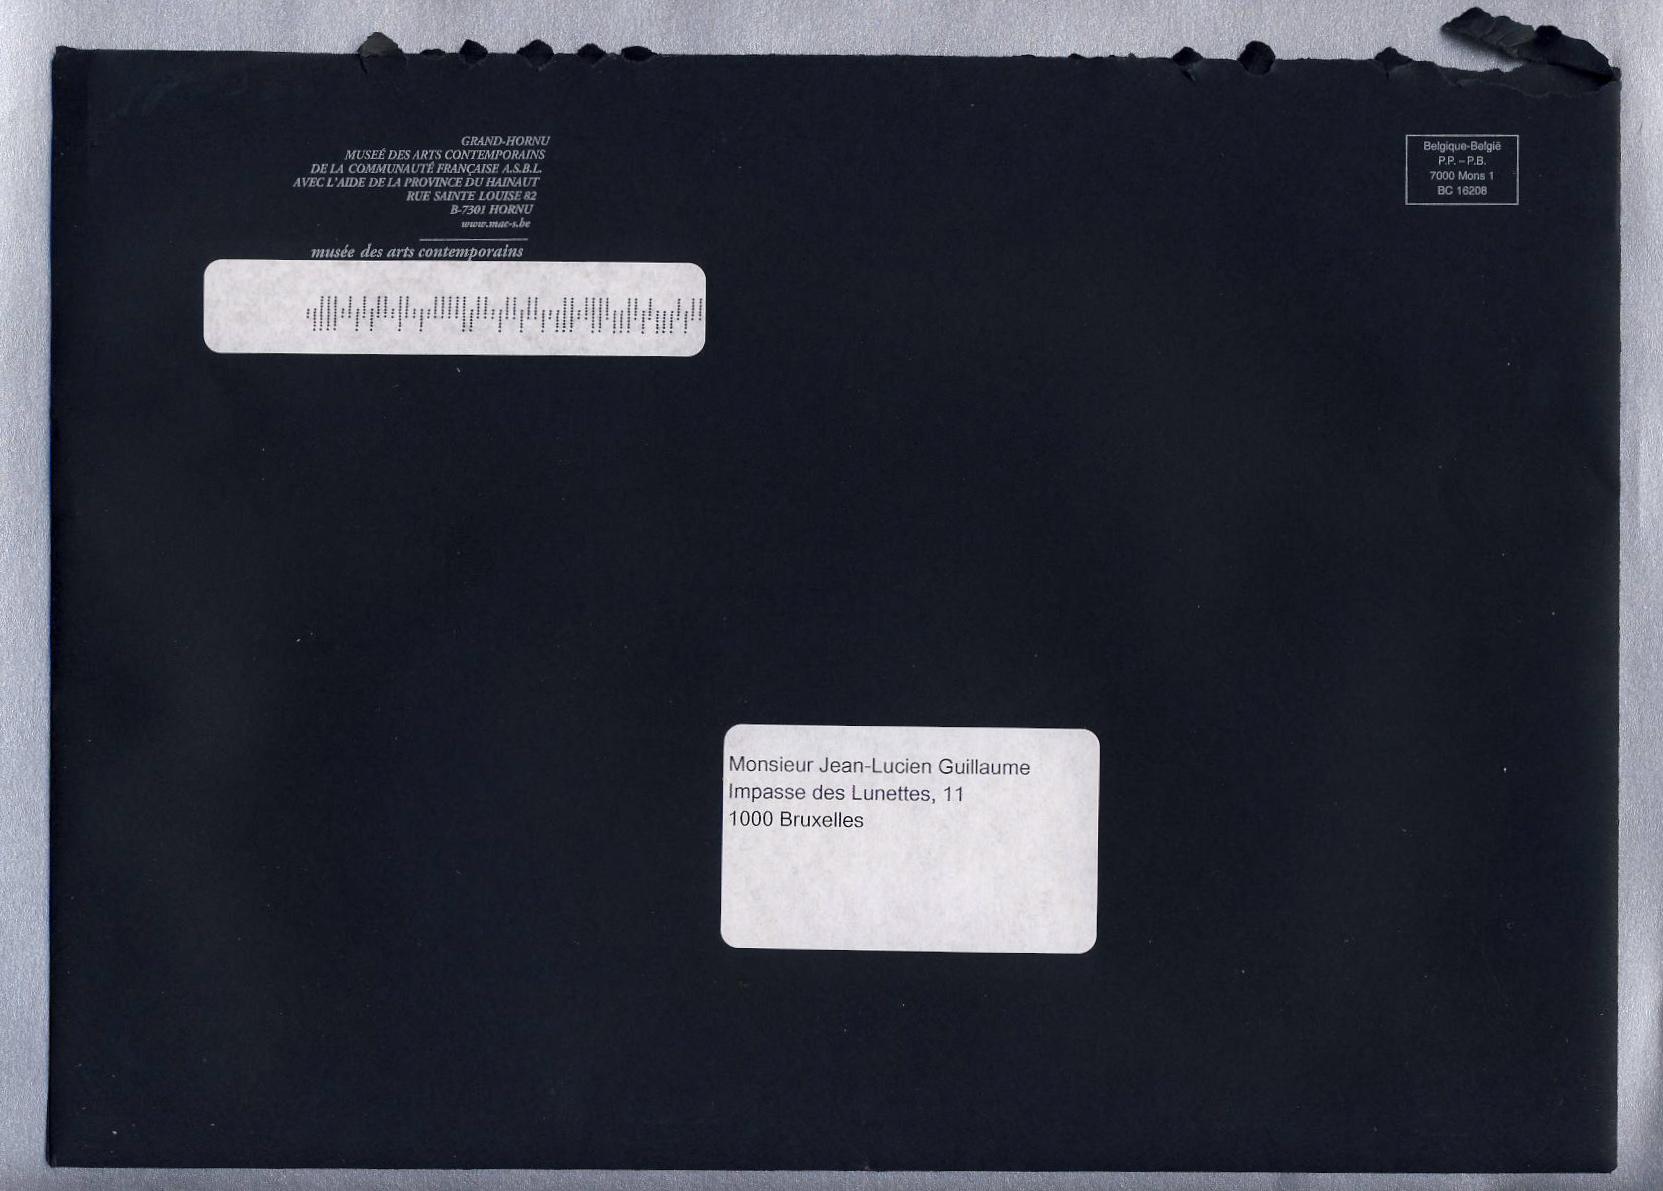 envelop-grand-hornu